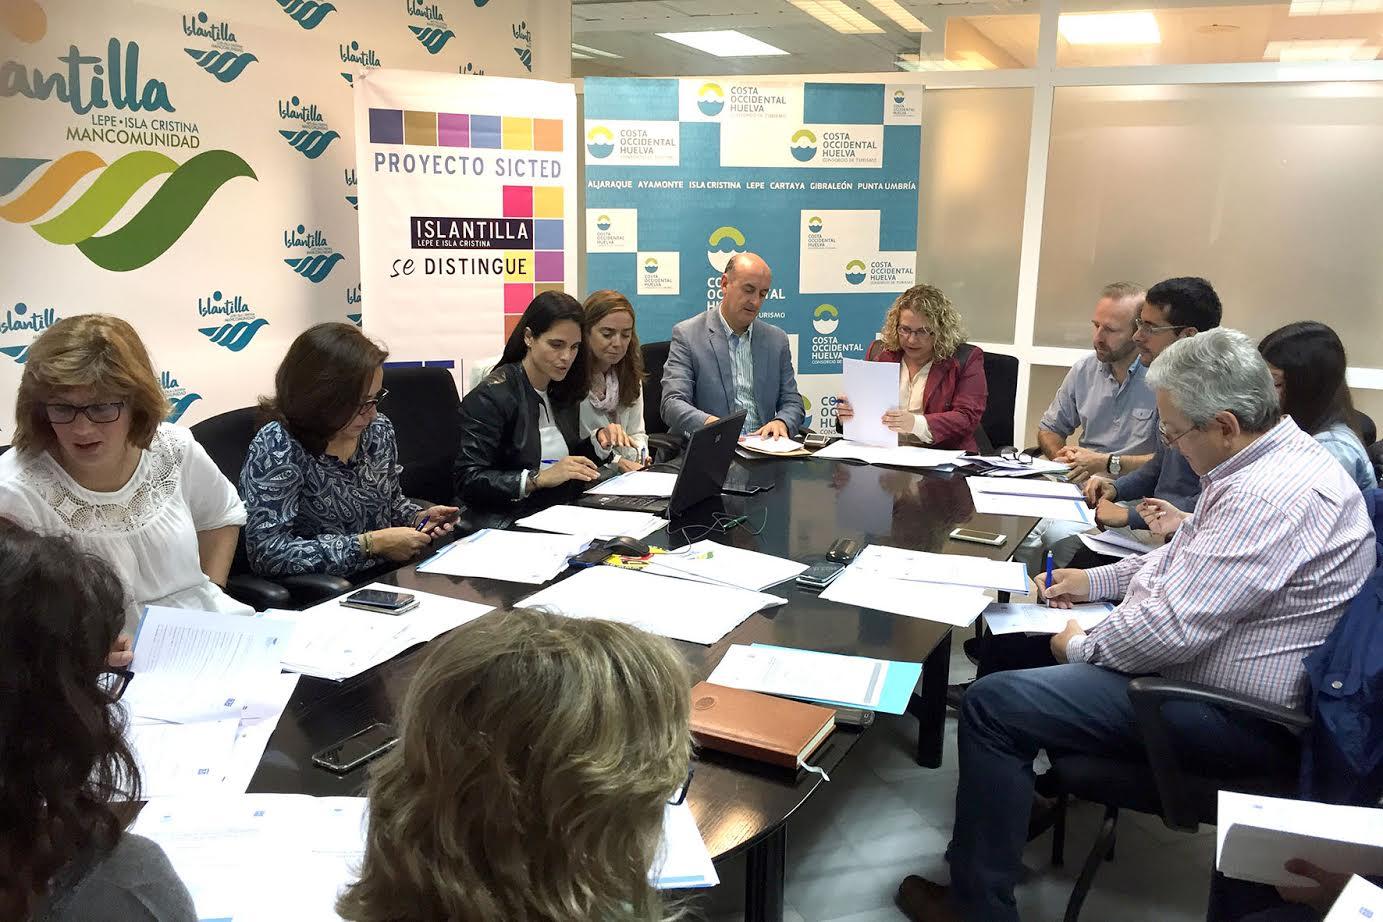 Mesas de Calidad del Consorcio de Turismos Sostenible Costa Occidental de Huelva y del destino Islantilla